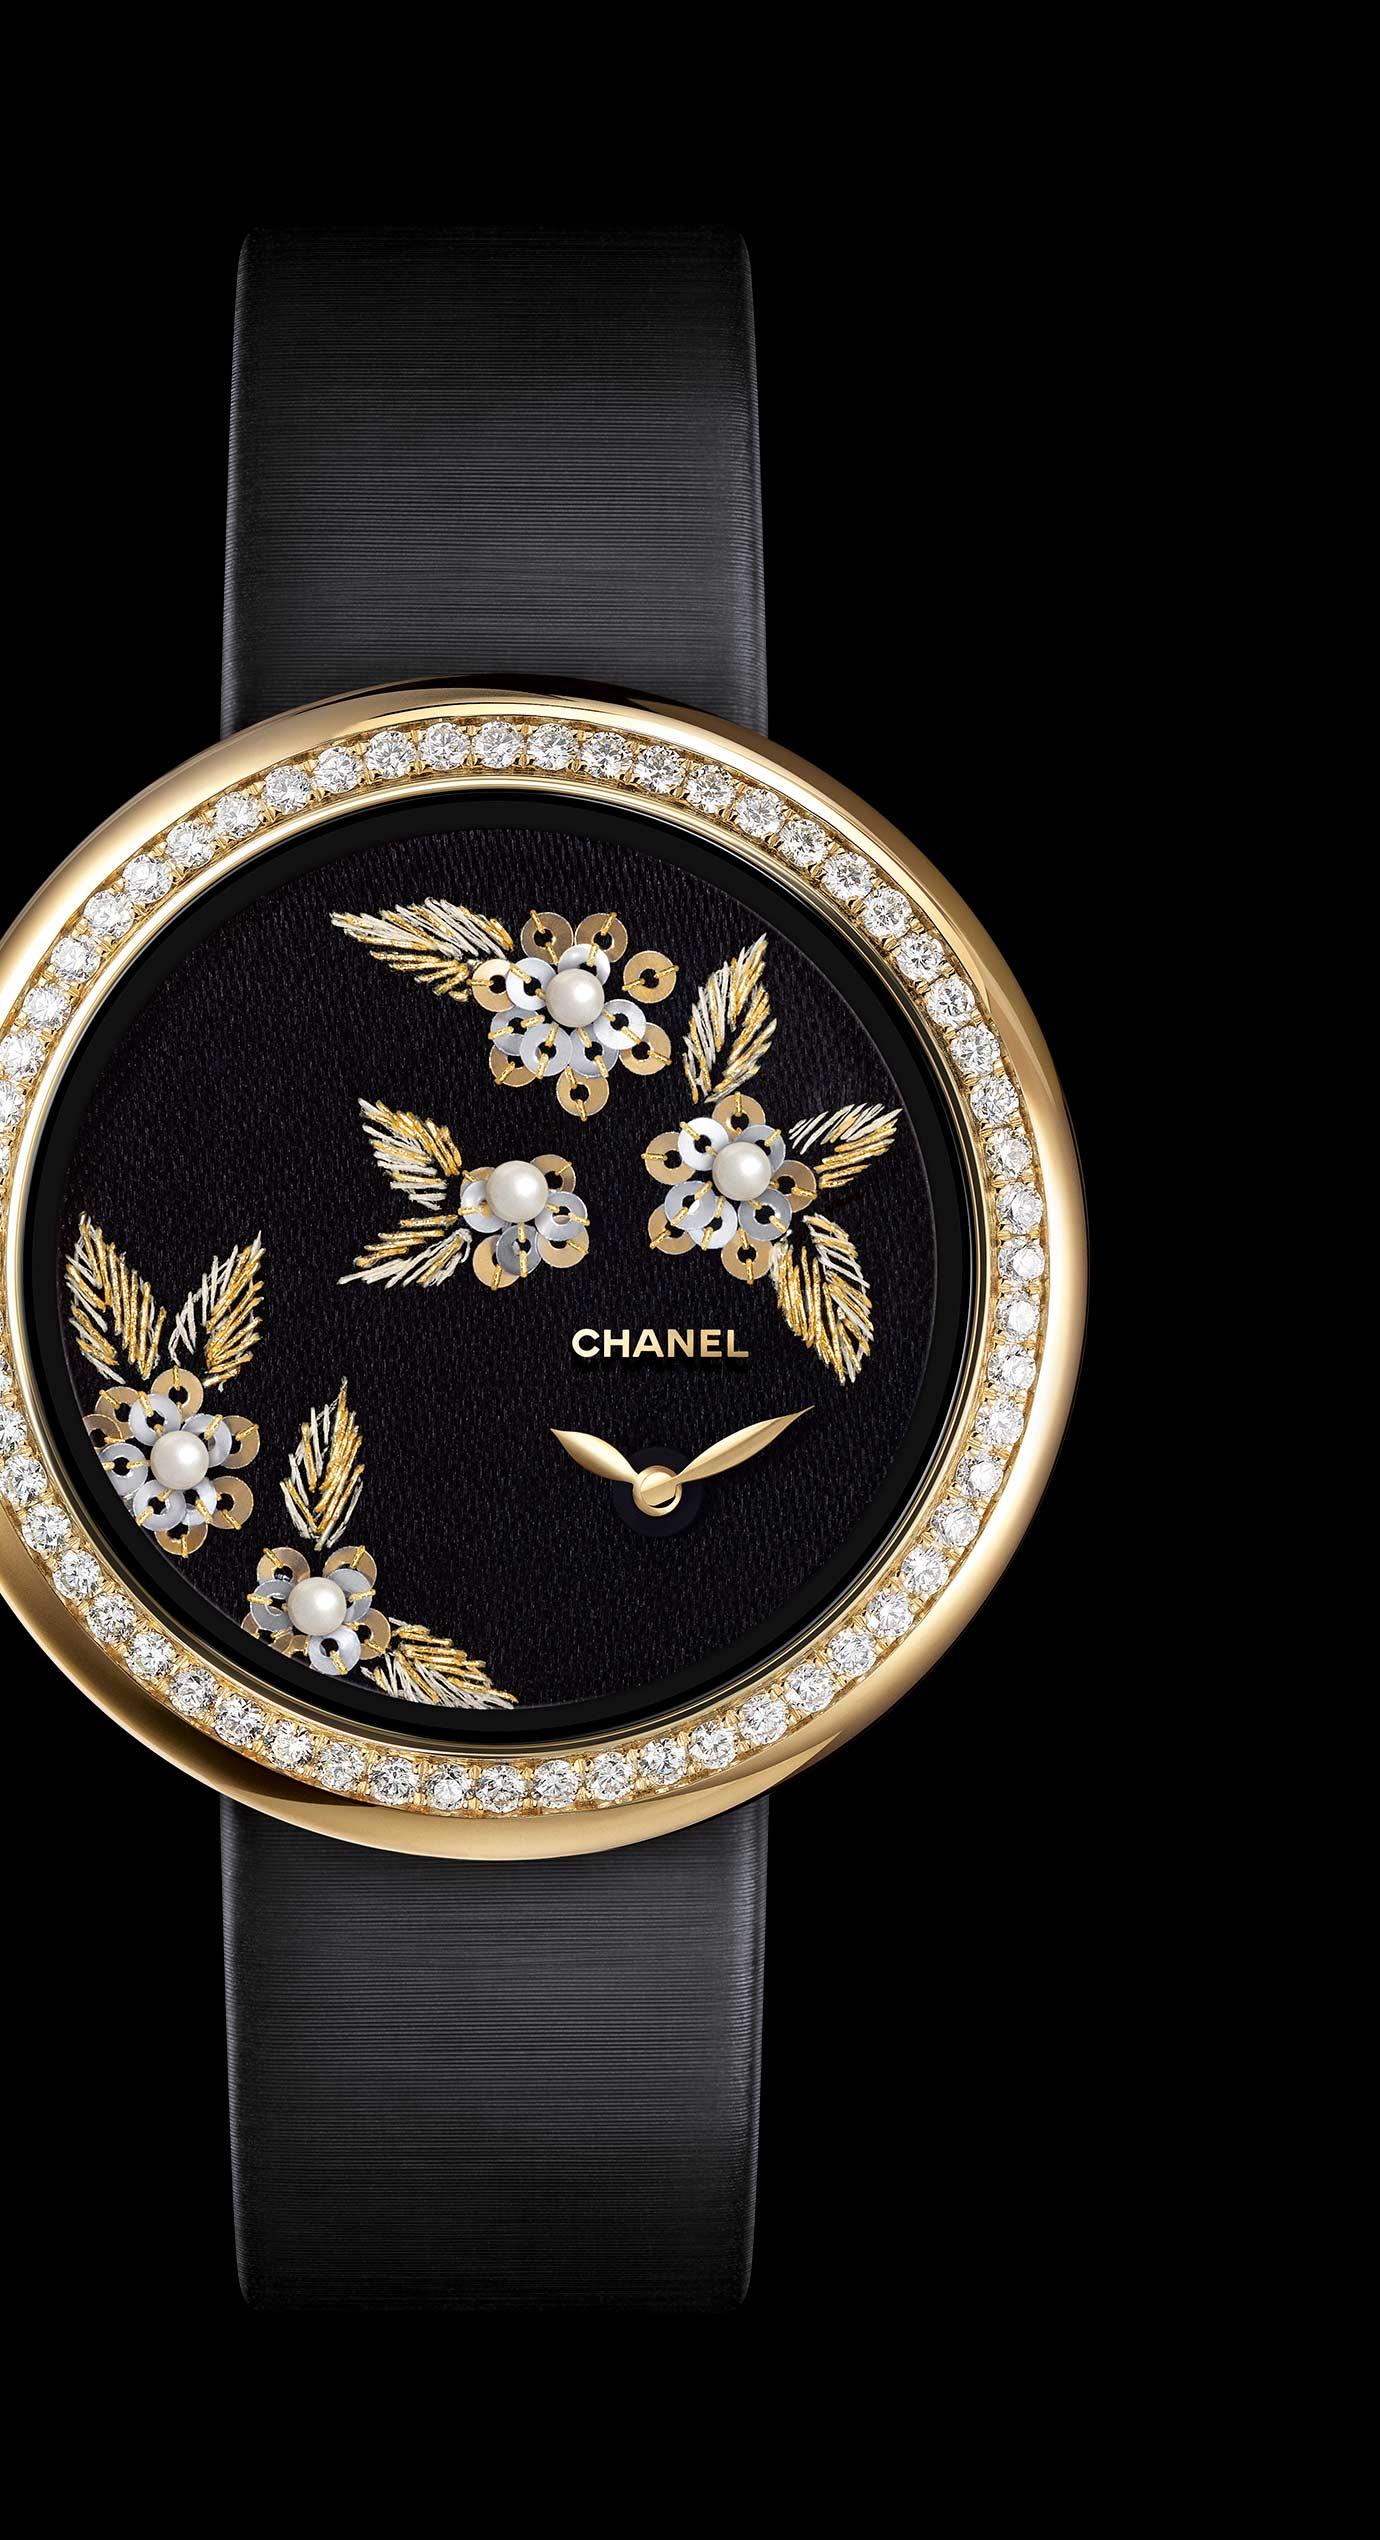 Reloj Mademoiselle Privé Camelias en hilo de oro, perlas finas, diamantes y perlas de vidrio - Bordado Lesage. - Vista ampliada